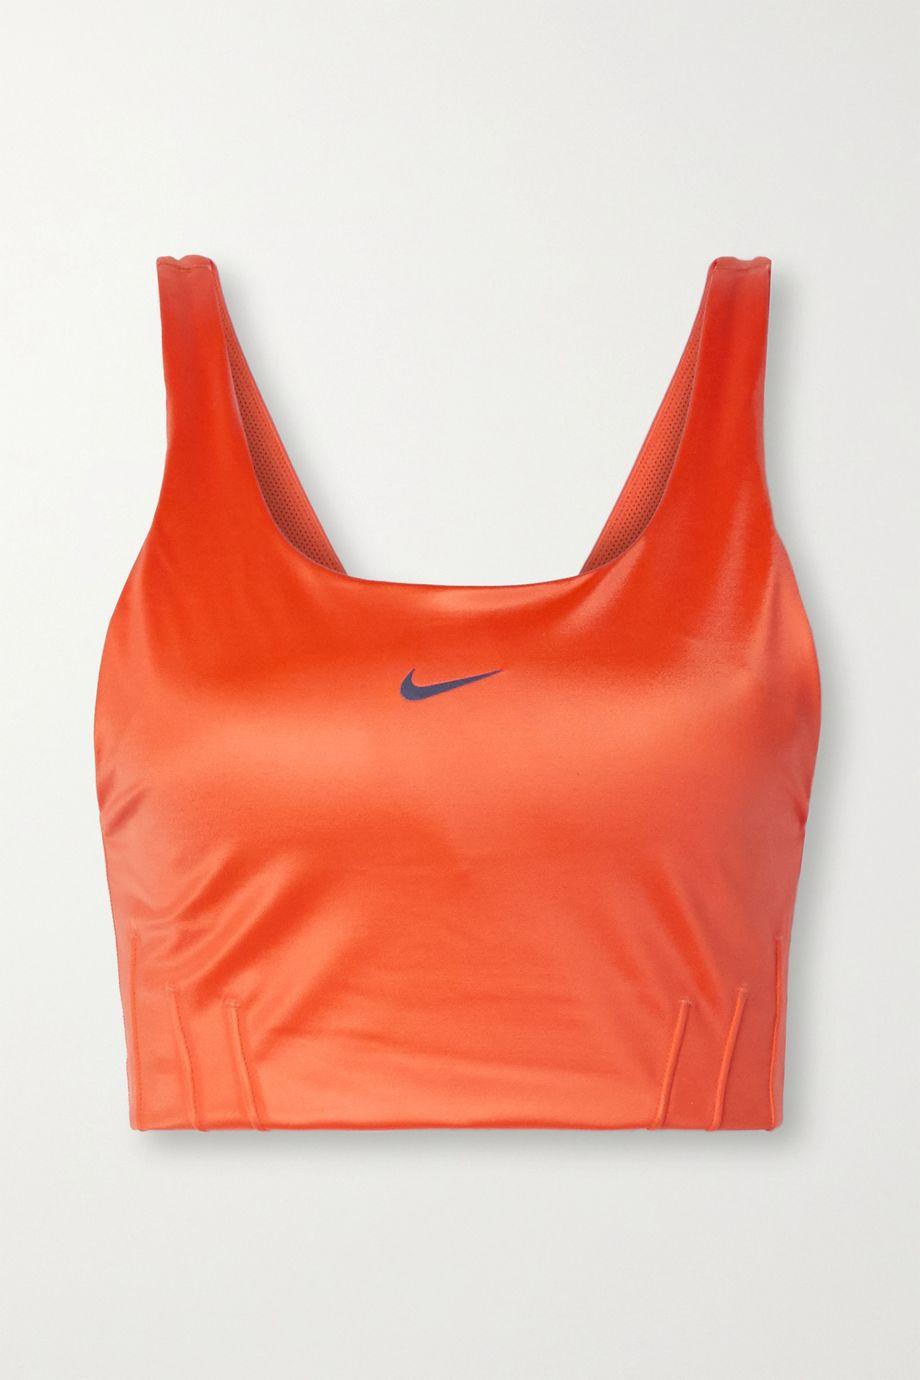 Nike Swoosh City Ready coated stretch sports bra